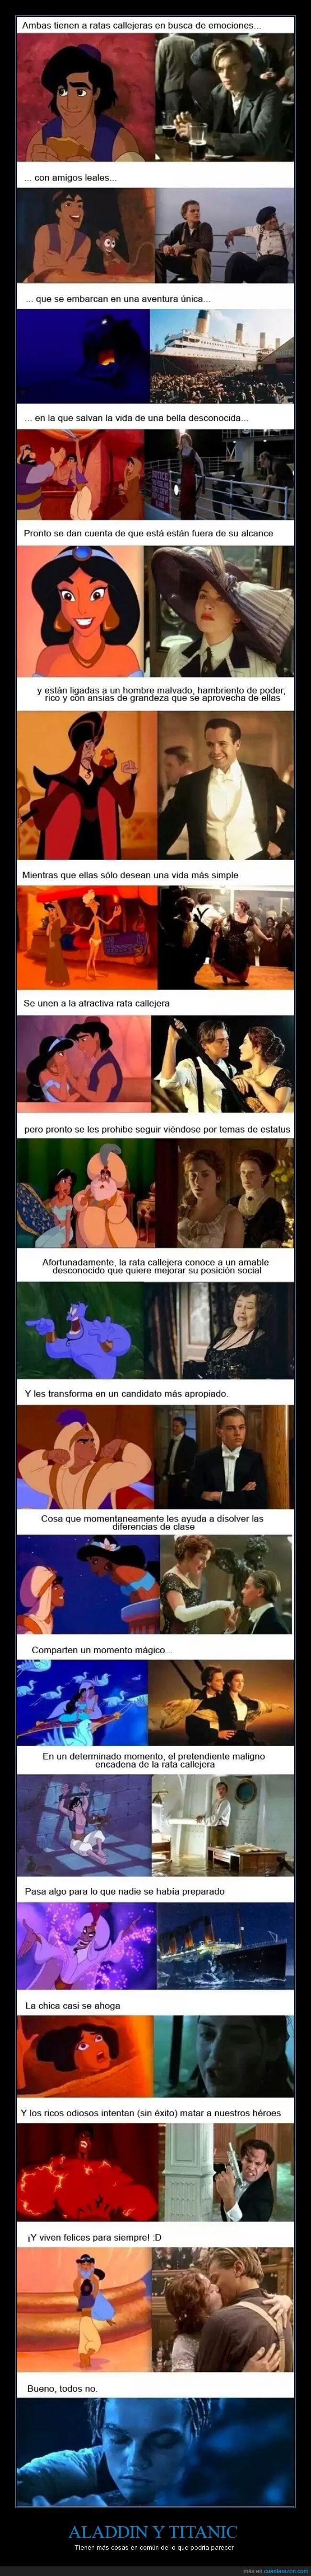 Aladdin,genio,Jack,parecido,Rose,Titanic